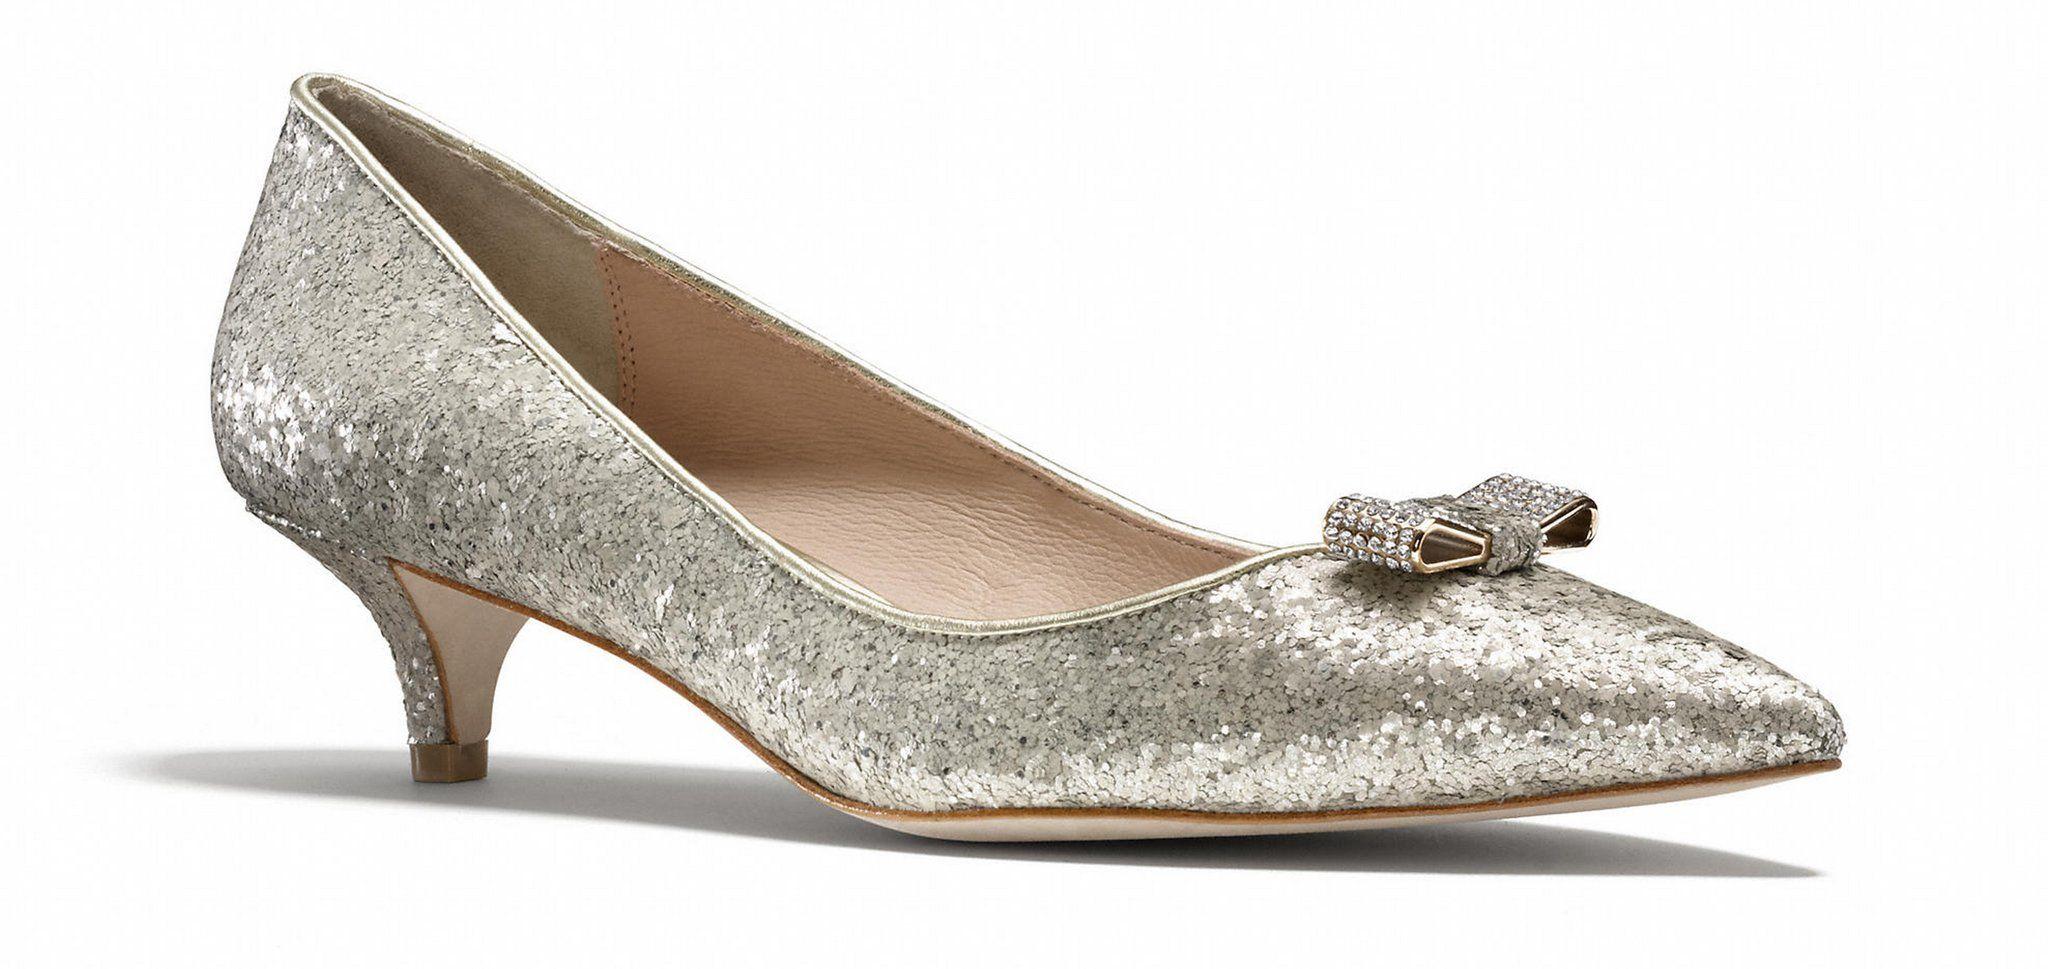 Silver Kitten Heels | Kitten heels, Heels, Silver kitten heels